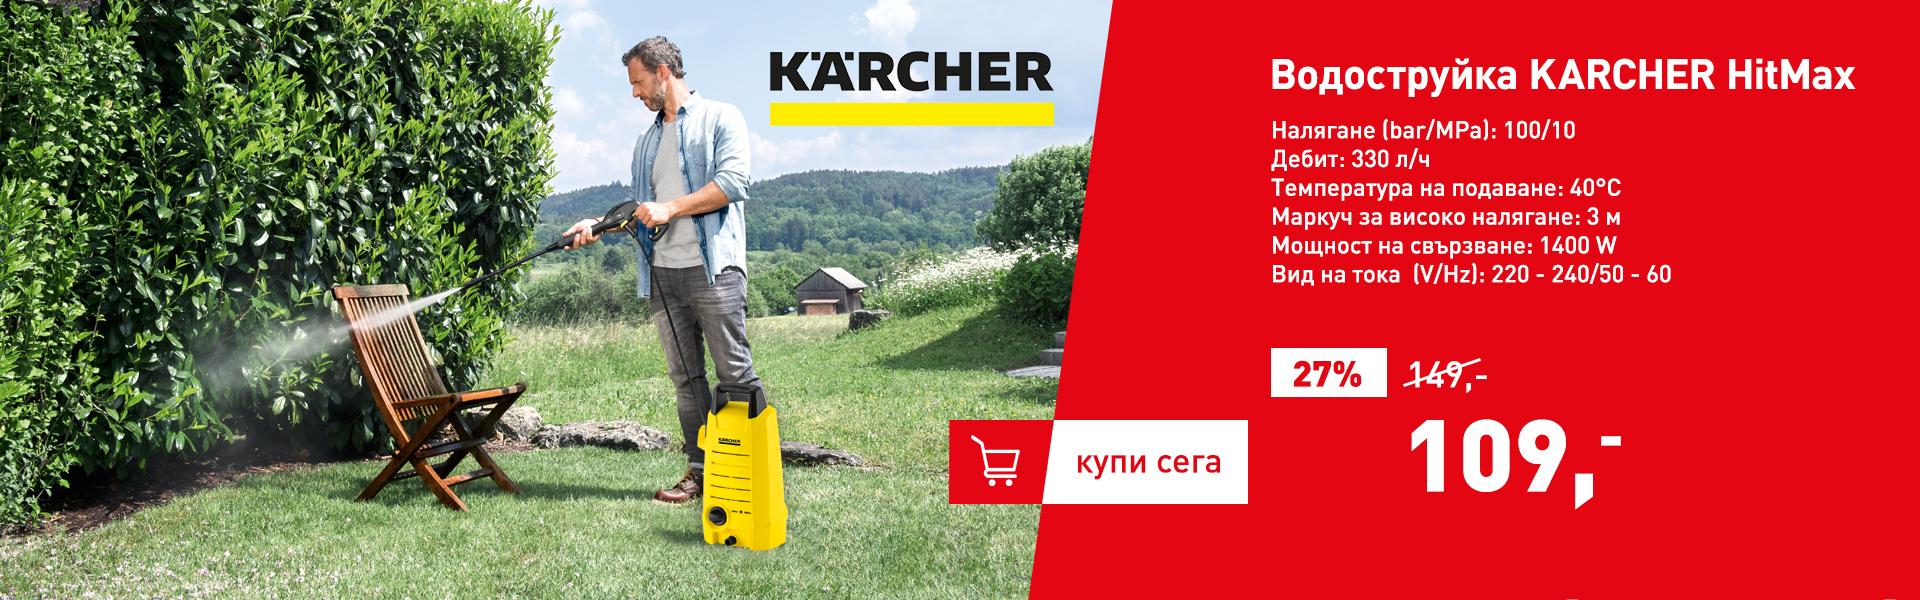 Водоструйка KARCHER